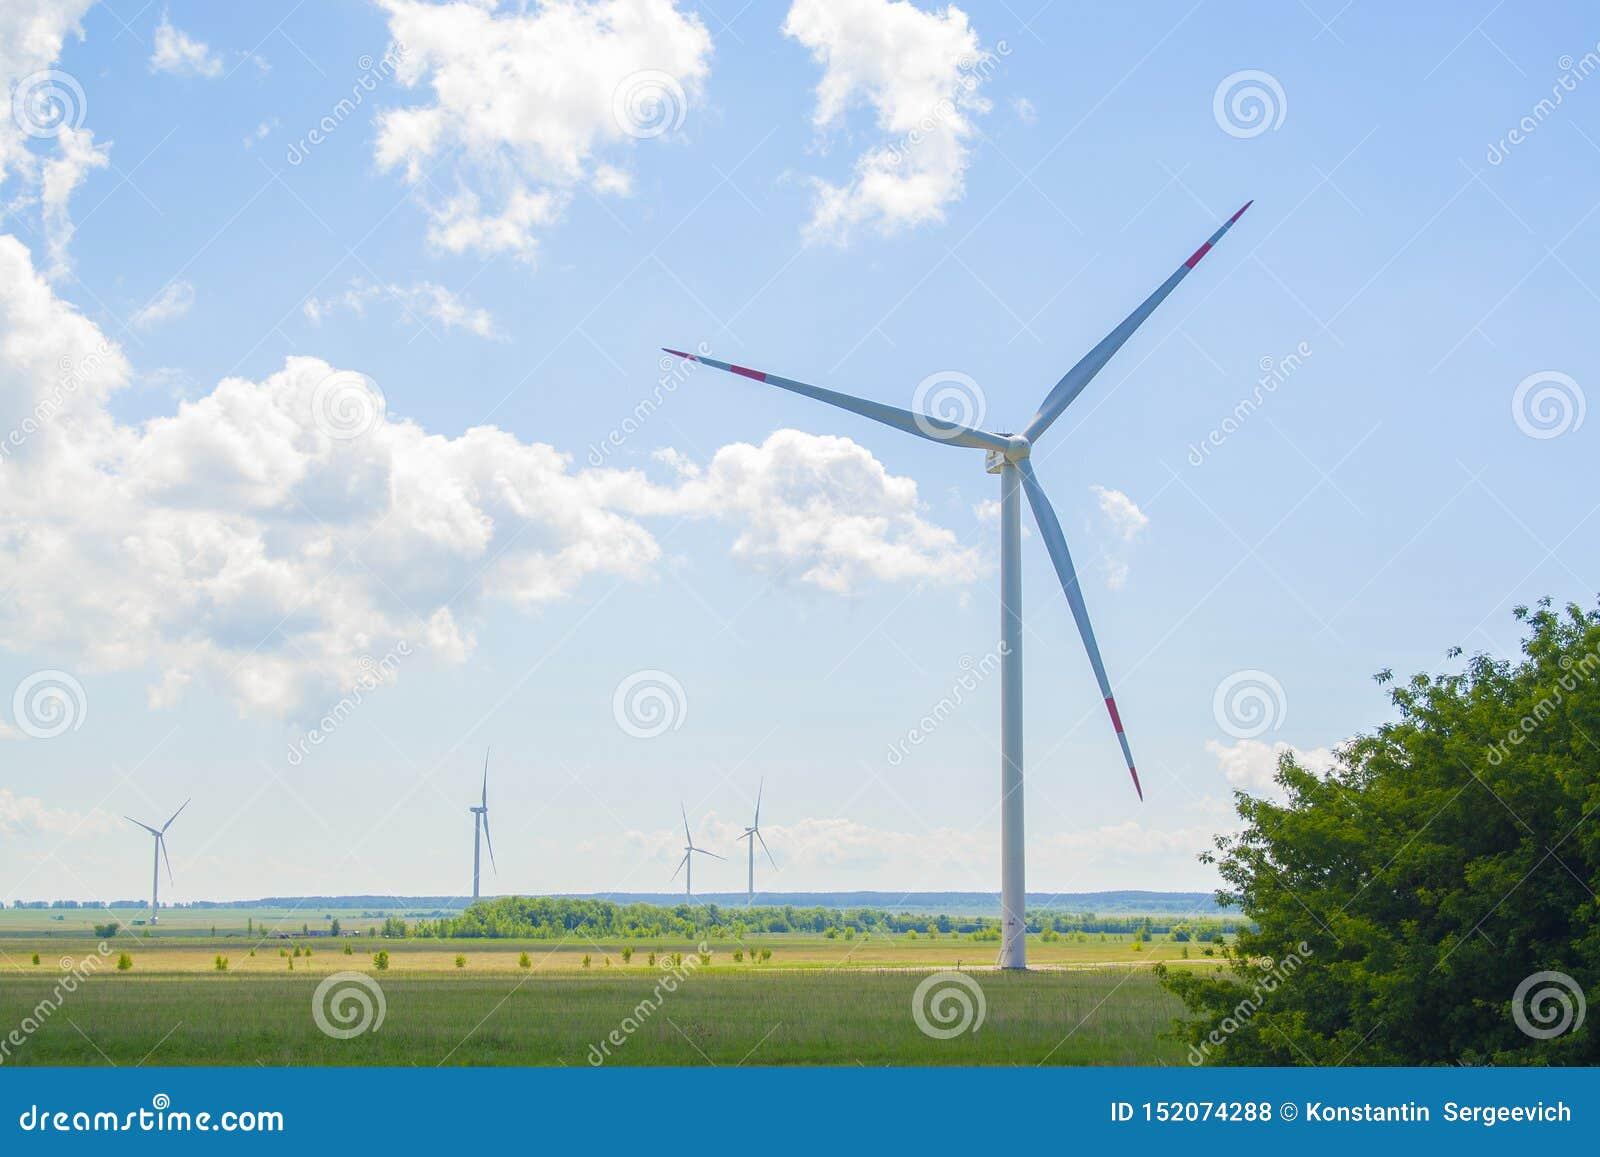 Много больших и высоких ветрянок на солнечном дне на зеленом поле Генераторы альтернативной энергии Энергия ветра Экологичность,